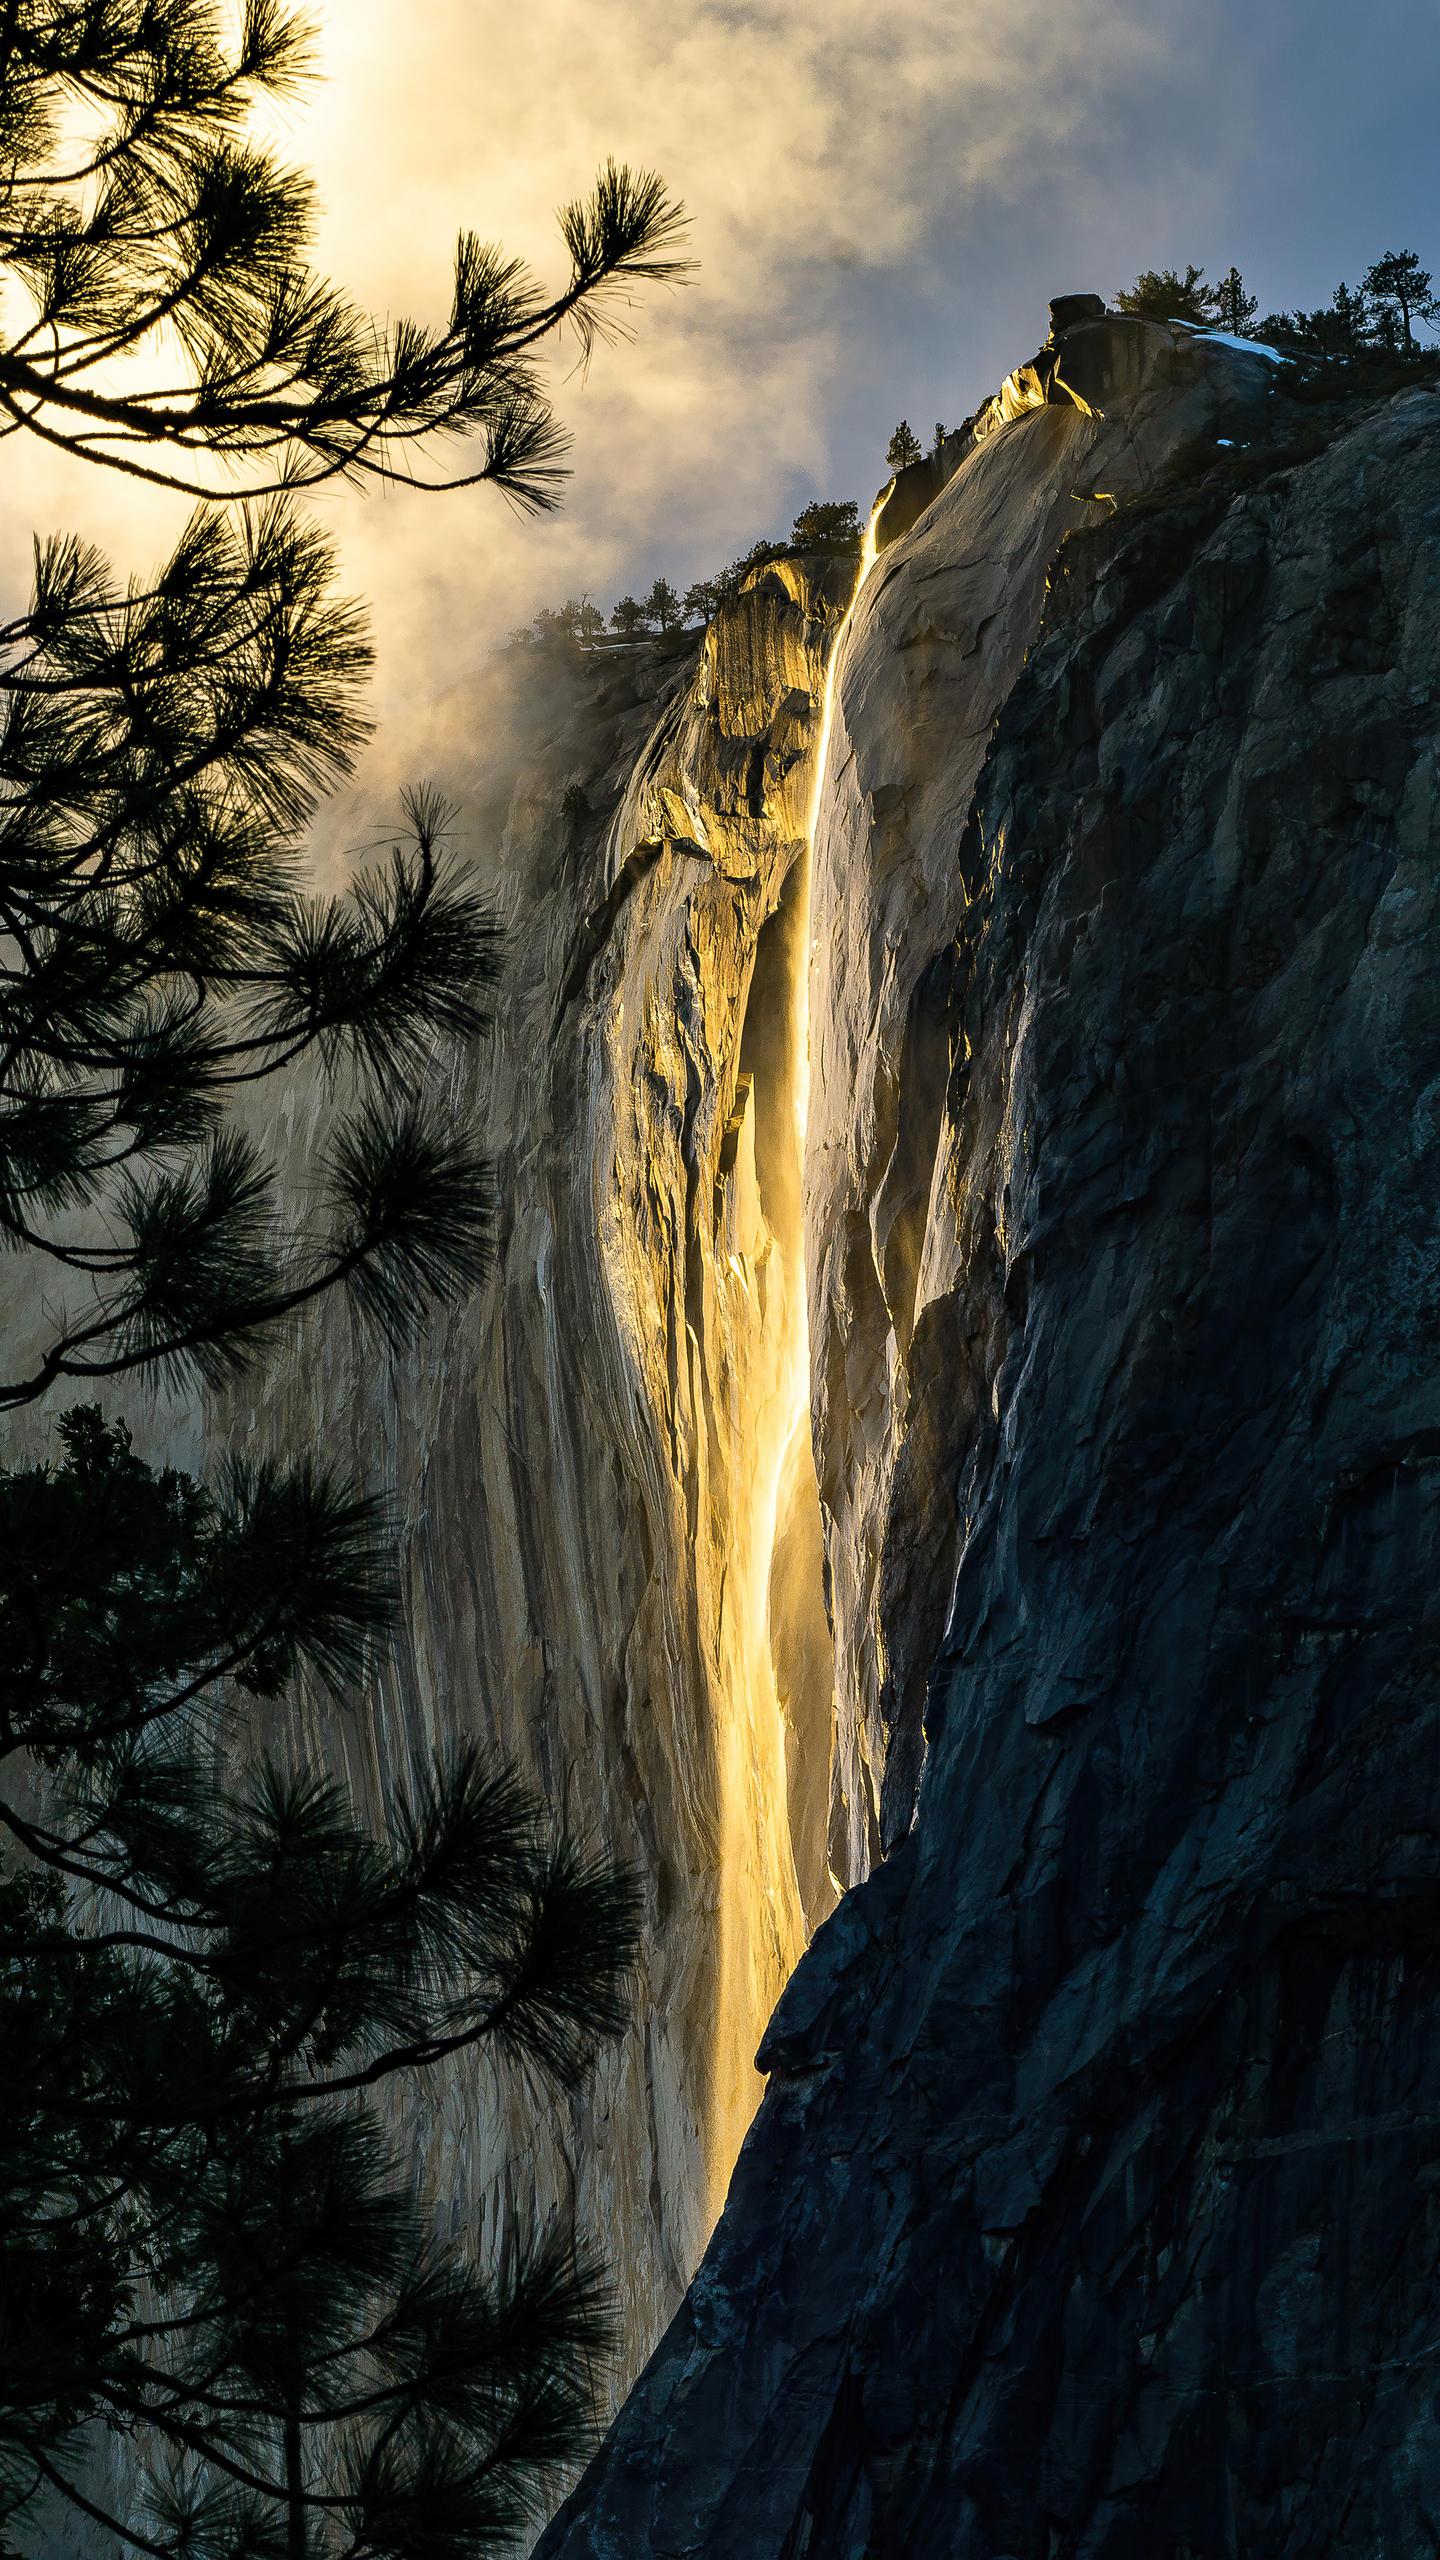 golden-state-yosemite-national-park-4k-bj.jpg